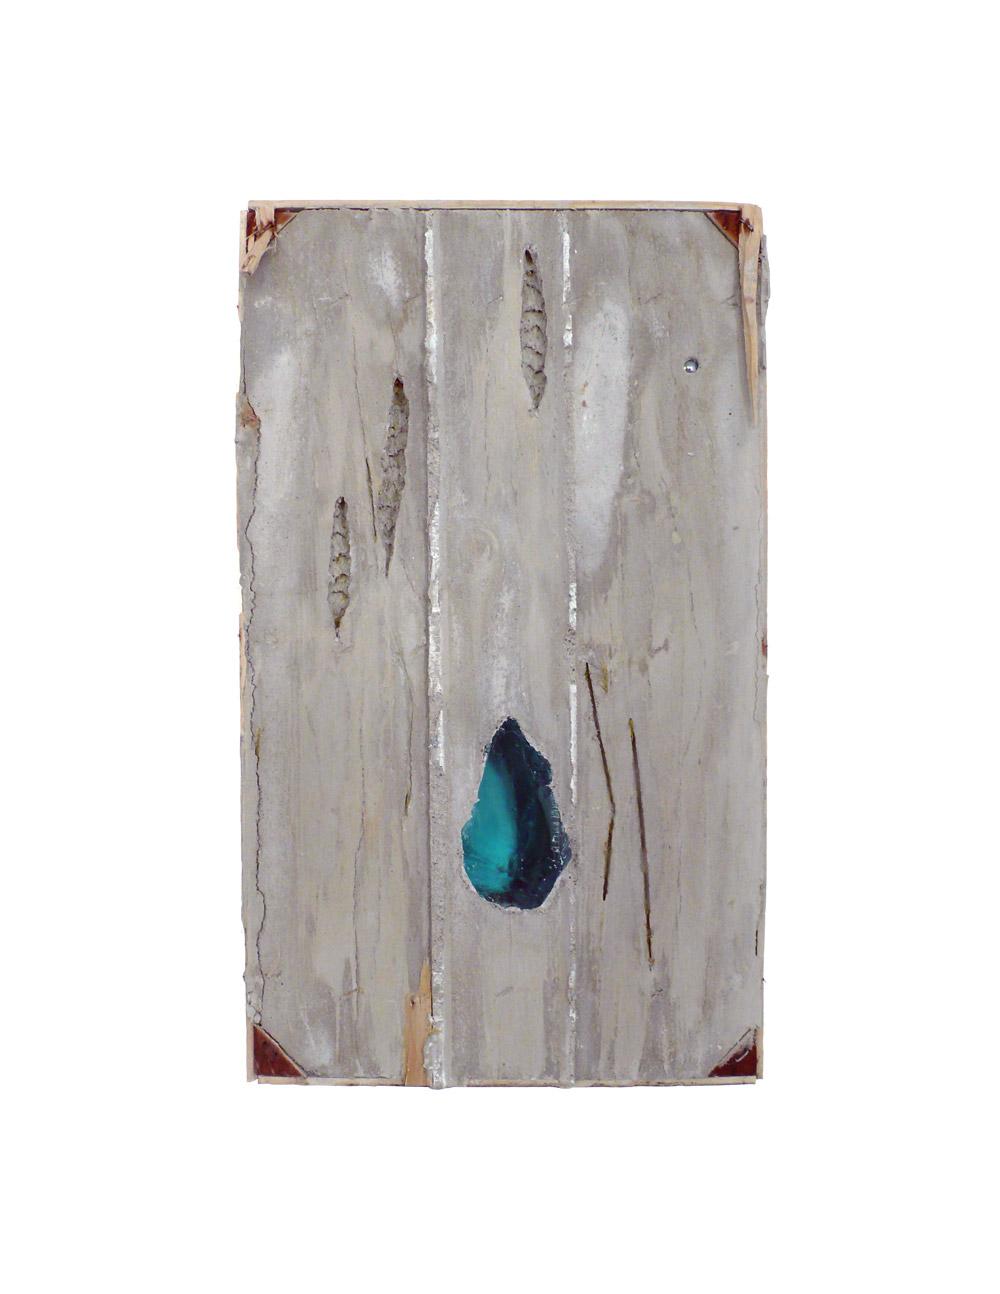 Anne Lina Billinger Wasser Erde Holz Luft 1